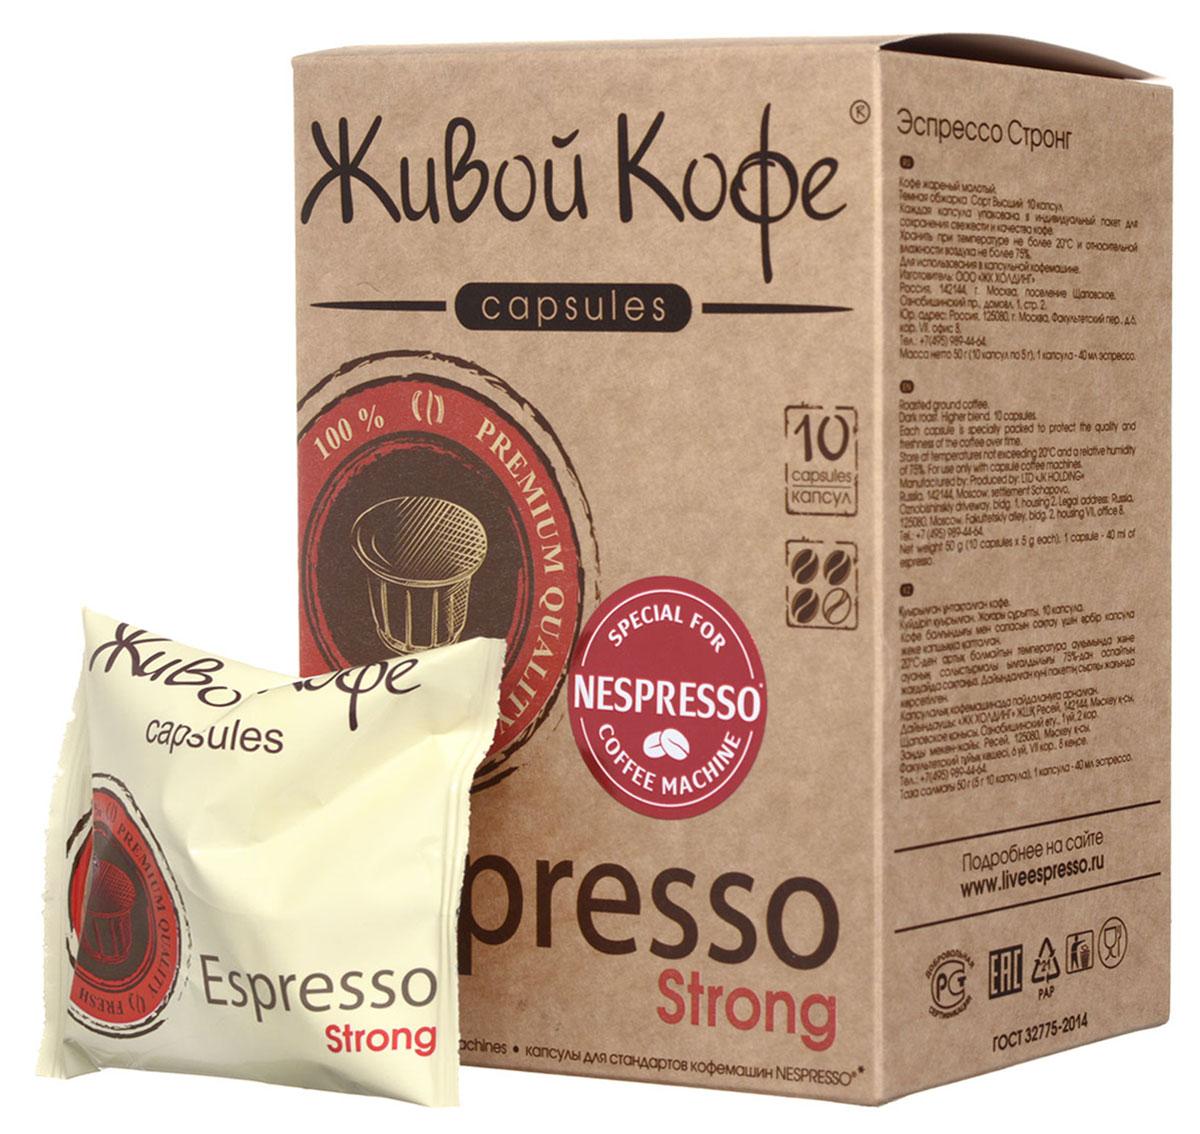 Живой Кофе Espresso Strong кофе в капсулах (индивидуальная упаковка), 10 шт0120710Живой Кофе Espresso Strong - натуральный молотый кофе темной обжарки в капсулах. Крепкий и бодрящий напиток имеет сбалансированный вкус с нотками горького шоколада.Каждая капсула упакована в индивидуальный пакет для сохранения свежести и качества кофе. Благодаря авторской технологии обжарки группы компаний Сафари кофе, напиток сохраняет свои уникальные свойства, заложенные самой природой.